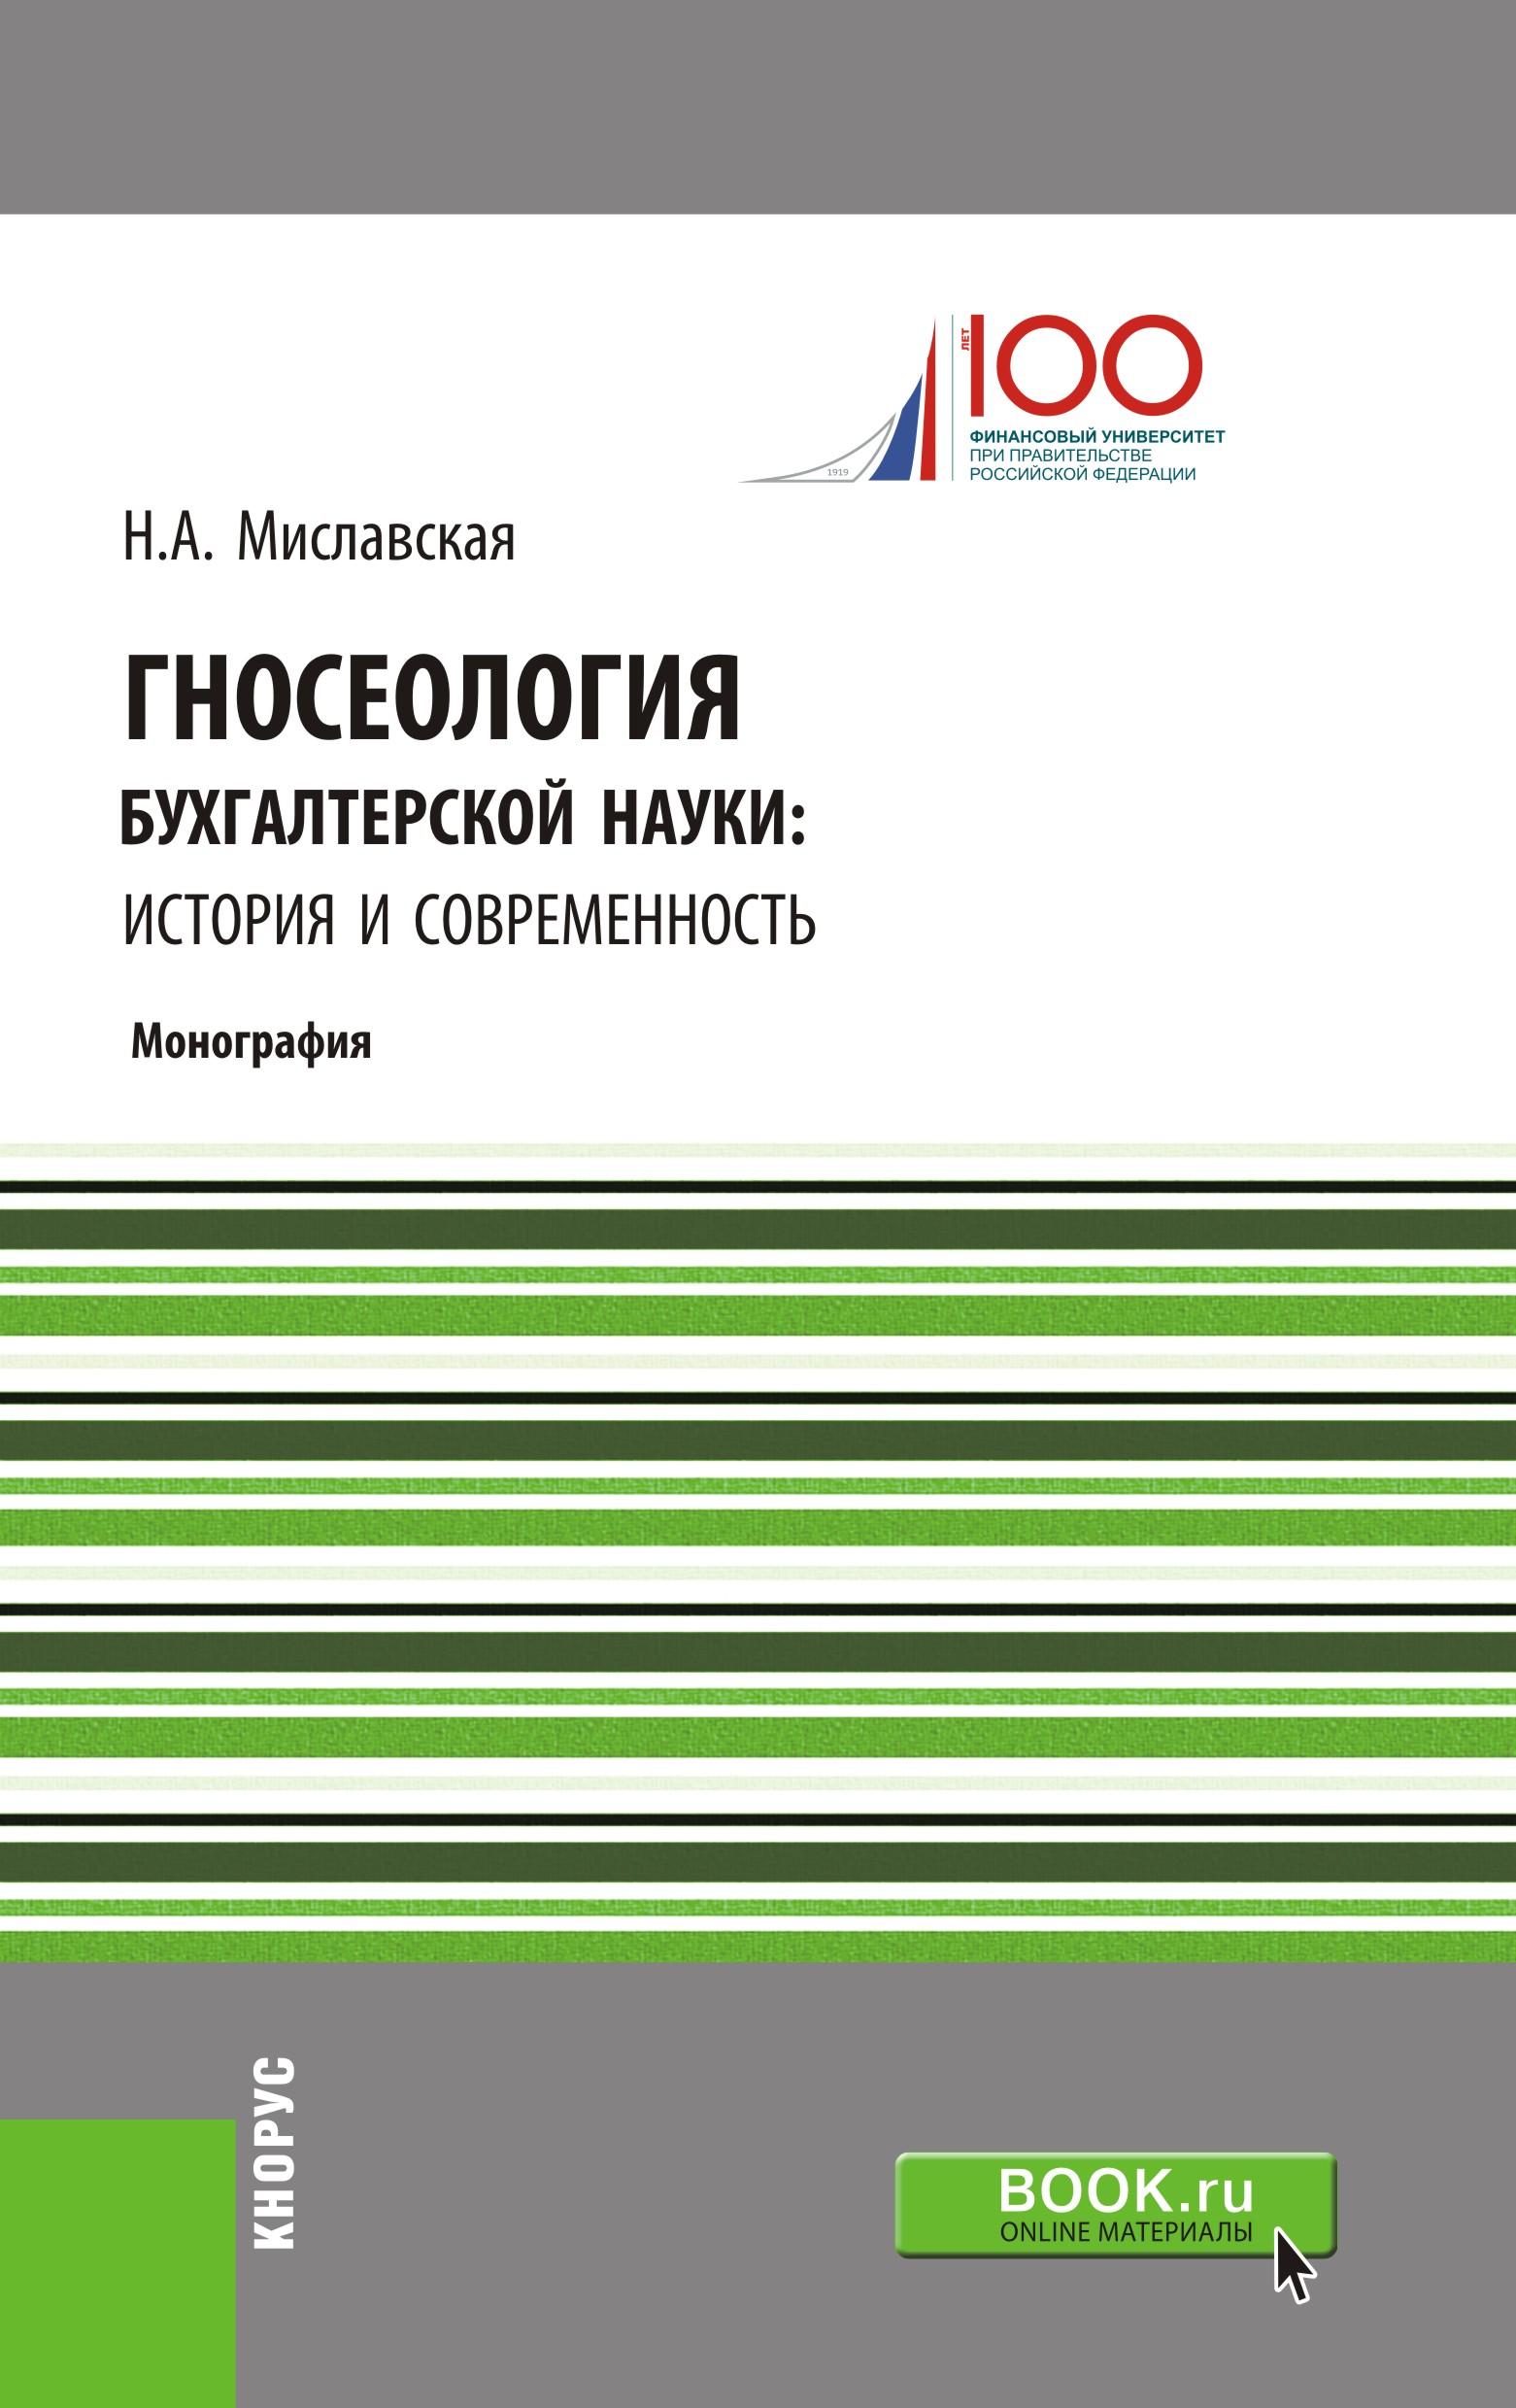 Книга Гносеология бухгалтерской науки. История и современность. Н. А. Миславская